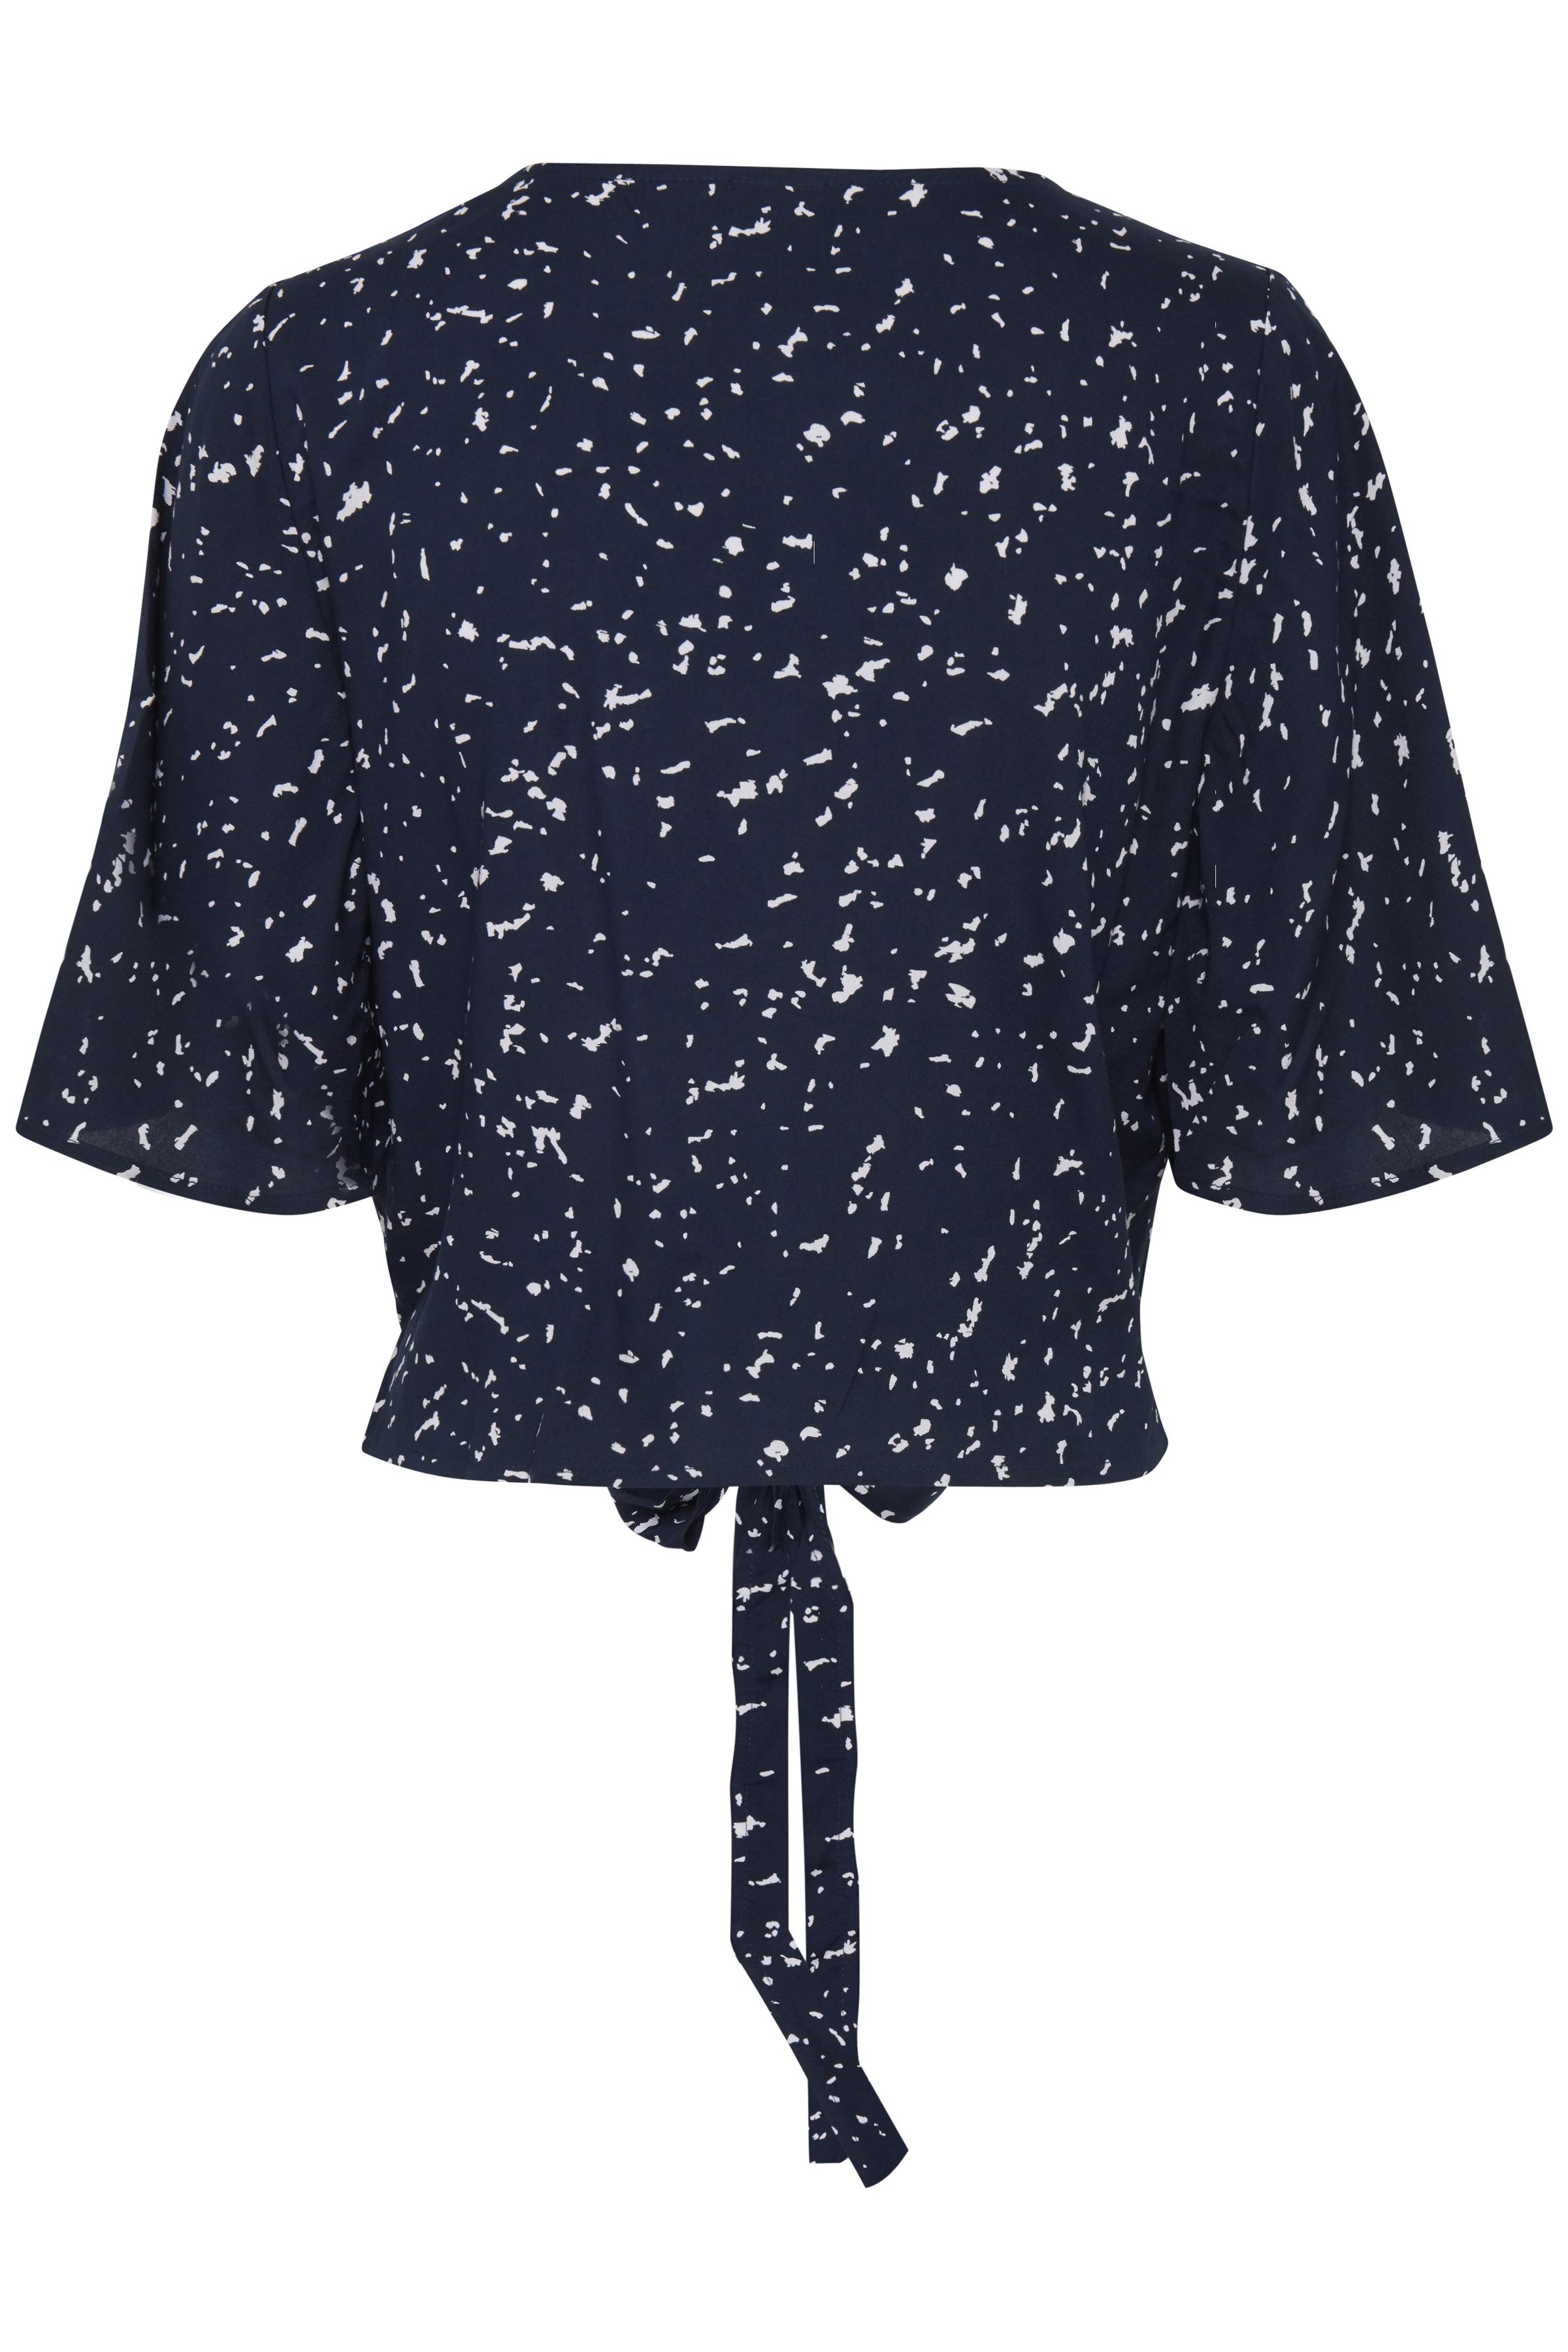 Total Eclipse Kortærmet bluse – Køb Total Eclipse Kortærmet bluse fra str. XS-L her